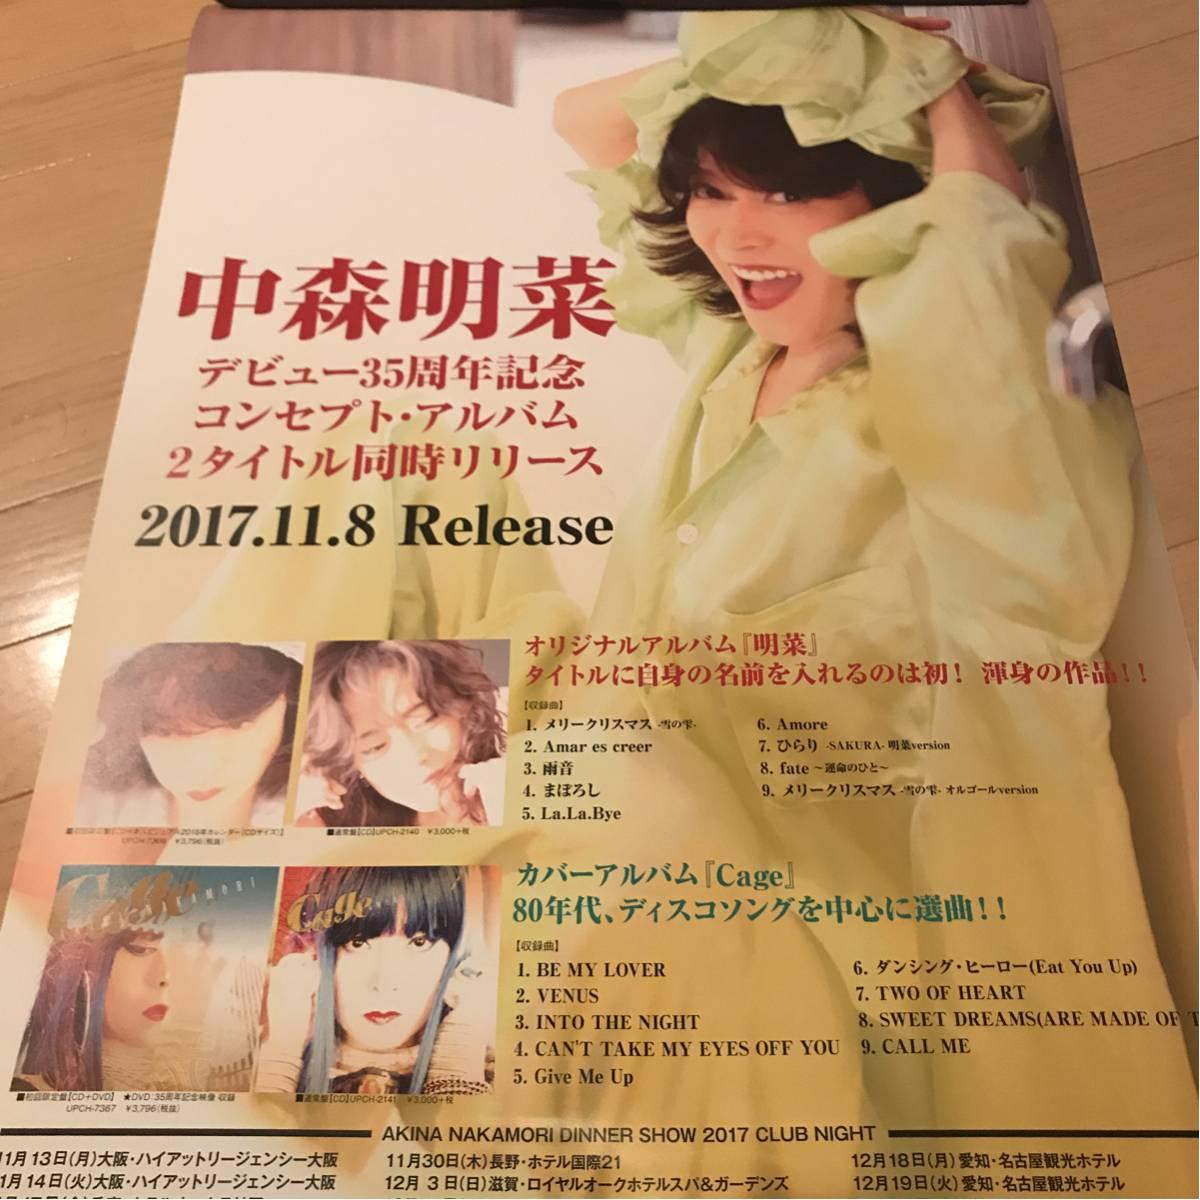 中森明菜 デビュー35周年記念 アルバム 明菜/Cage 最新告知B2ポスター